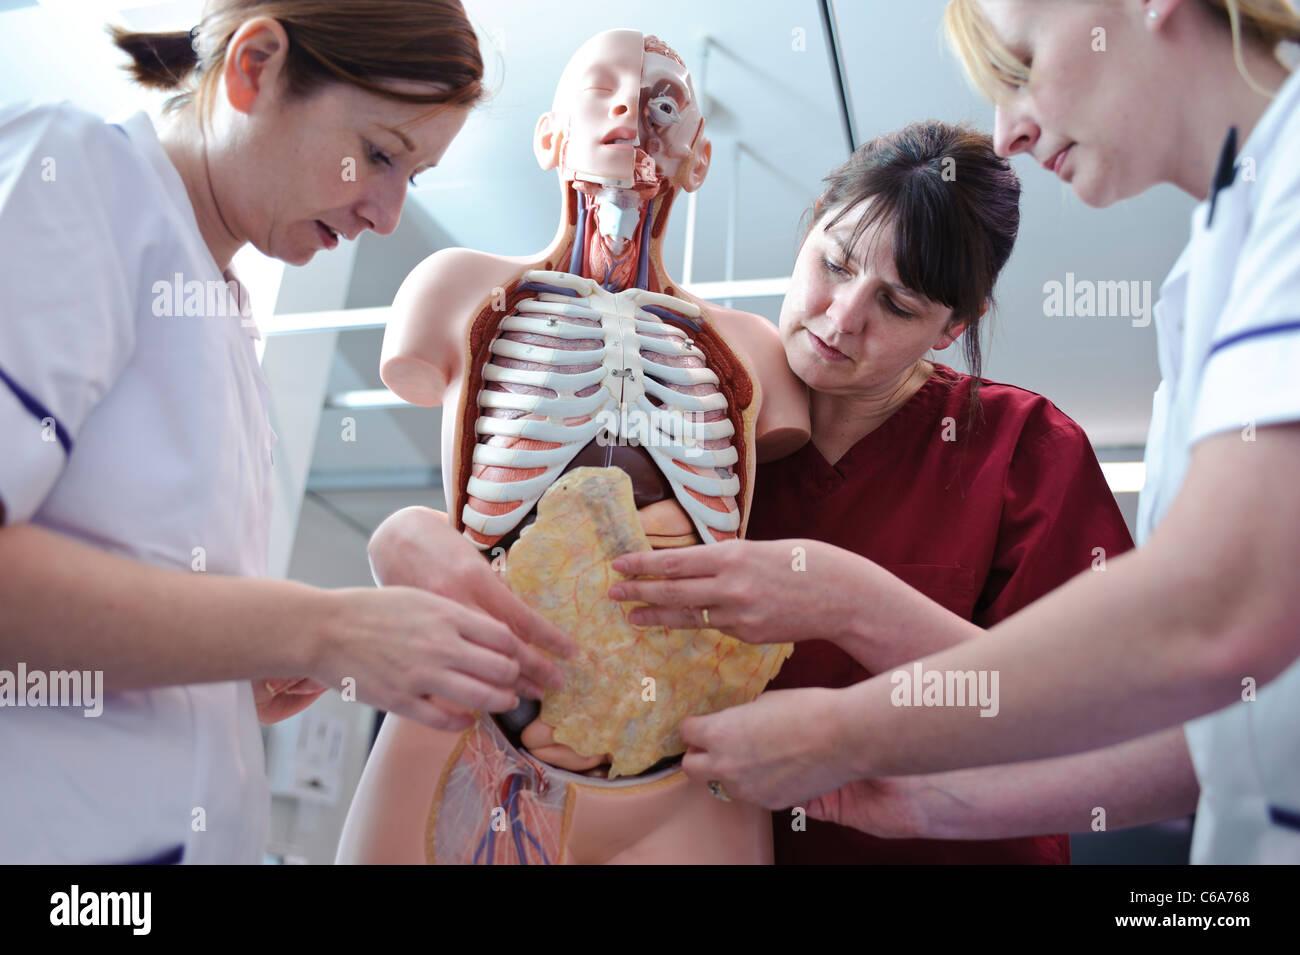 Los estudiantes de enfermería, femenina, blanca y maestro interactuando con la anatomía humana modelo Imagen De Stock